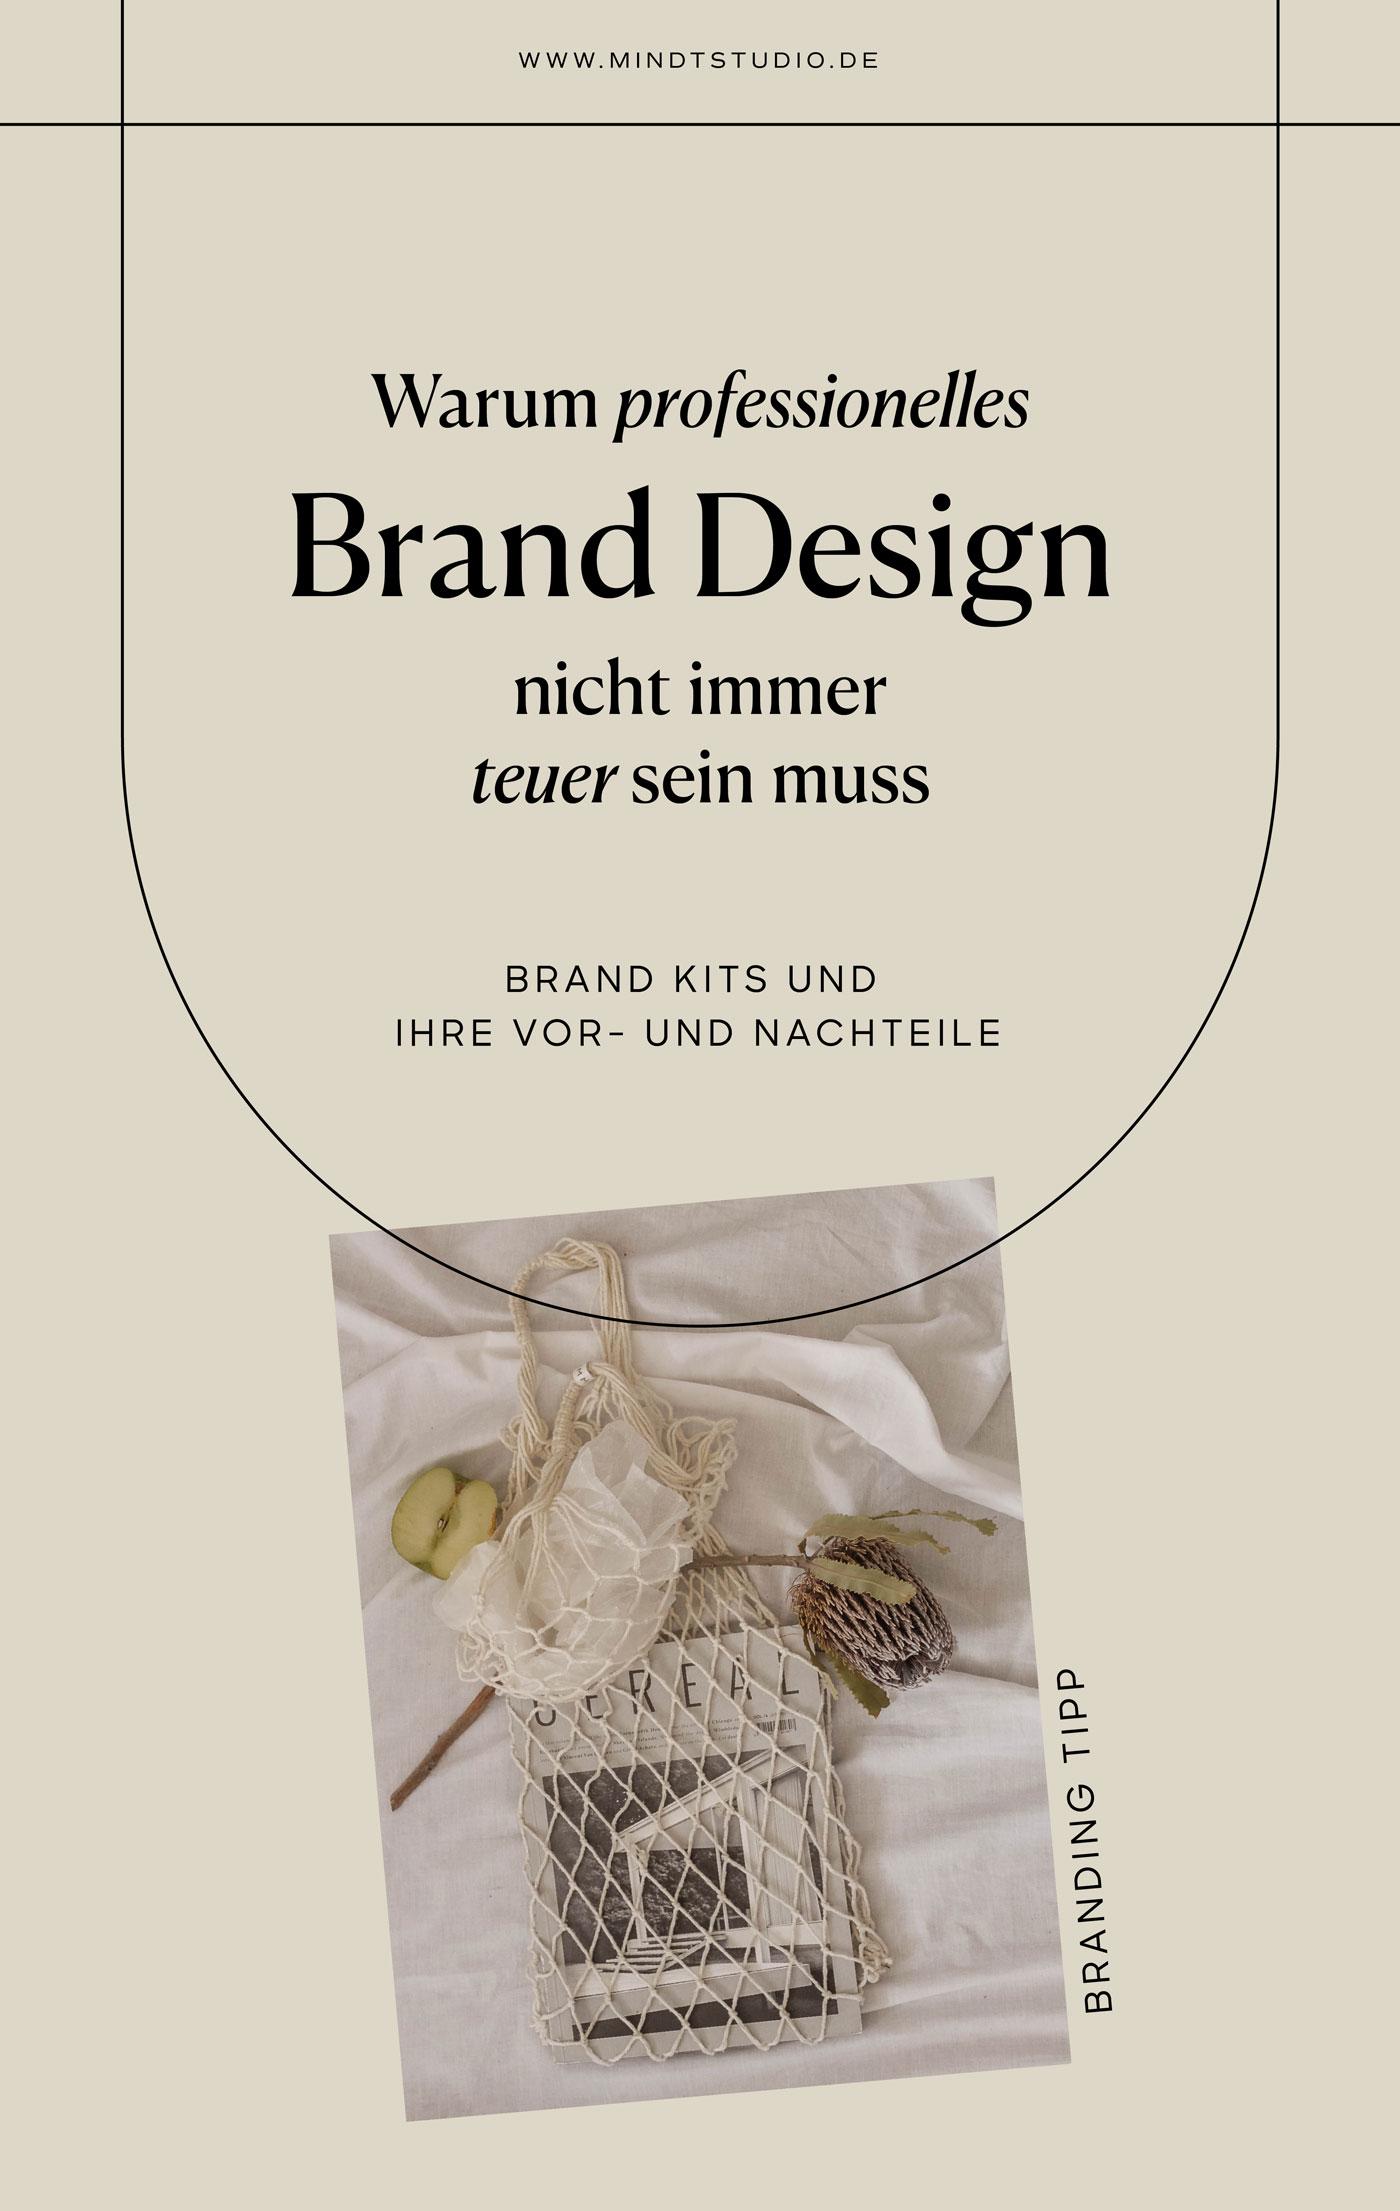 Professionelles Brand Design – Mindt Design Studio